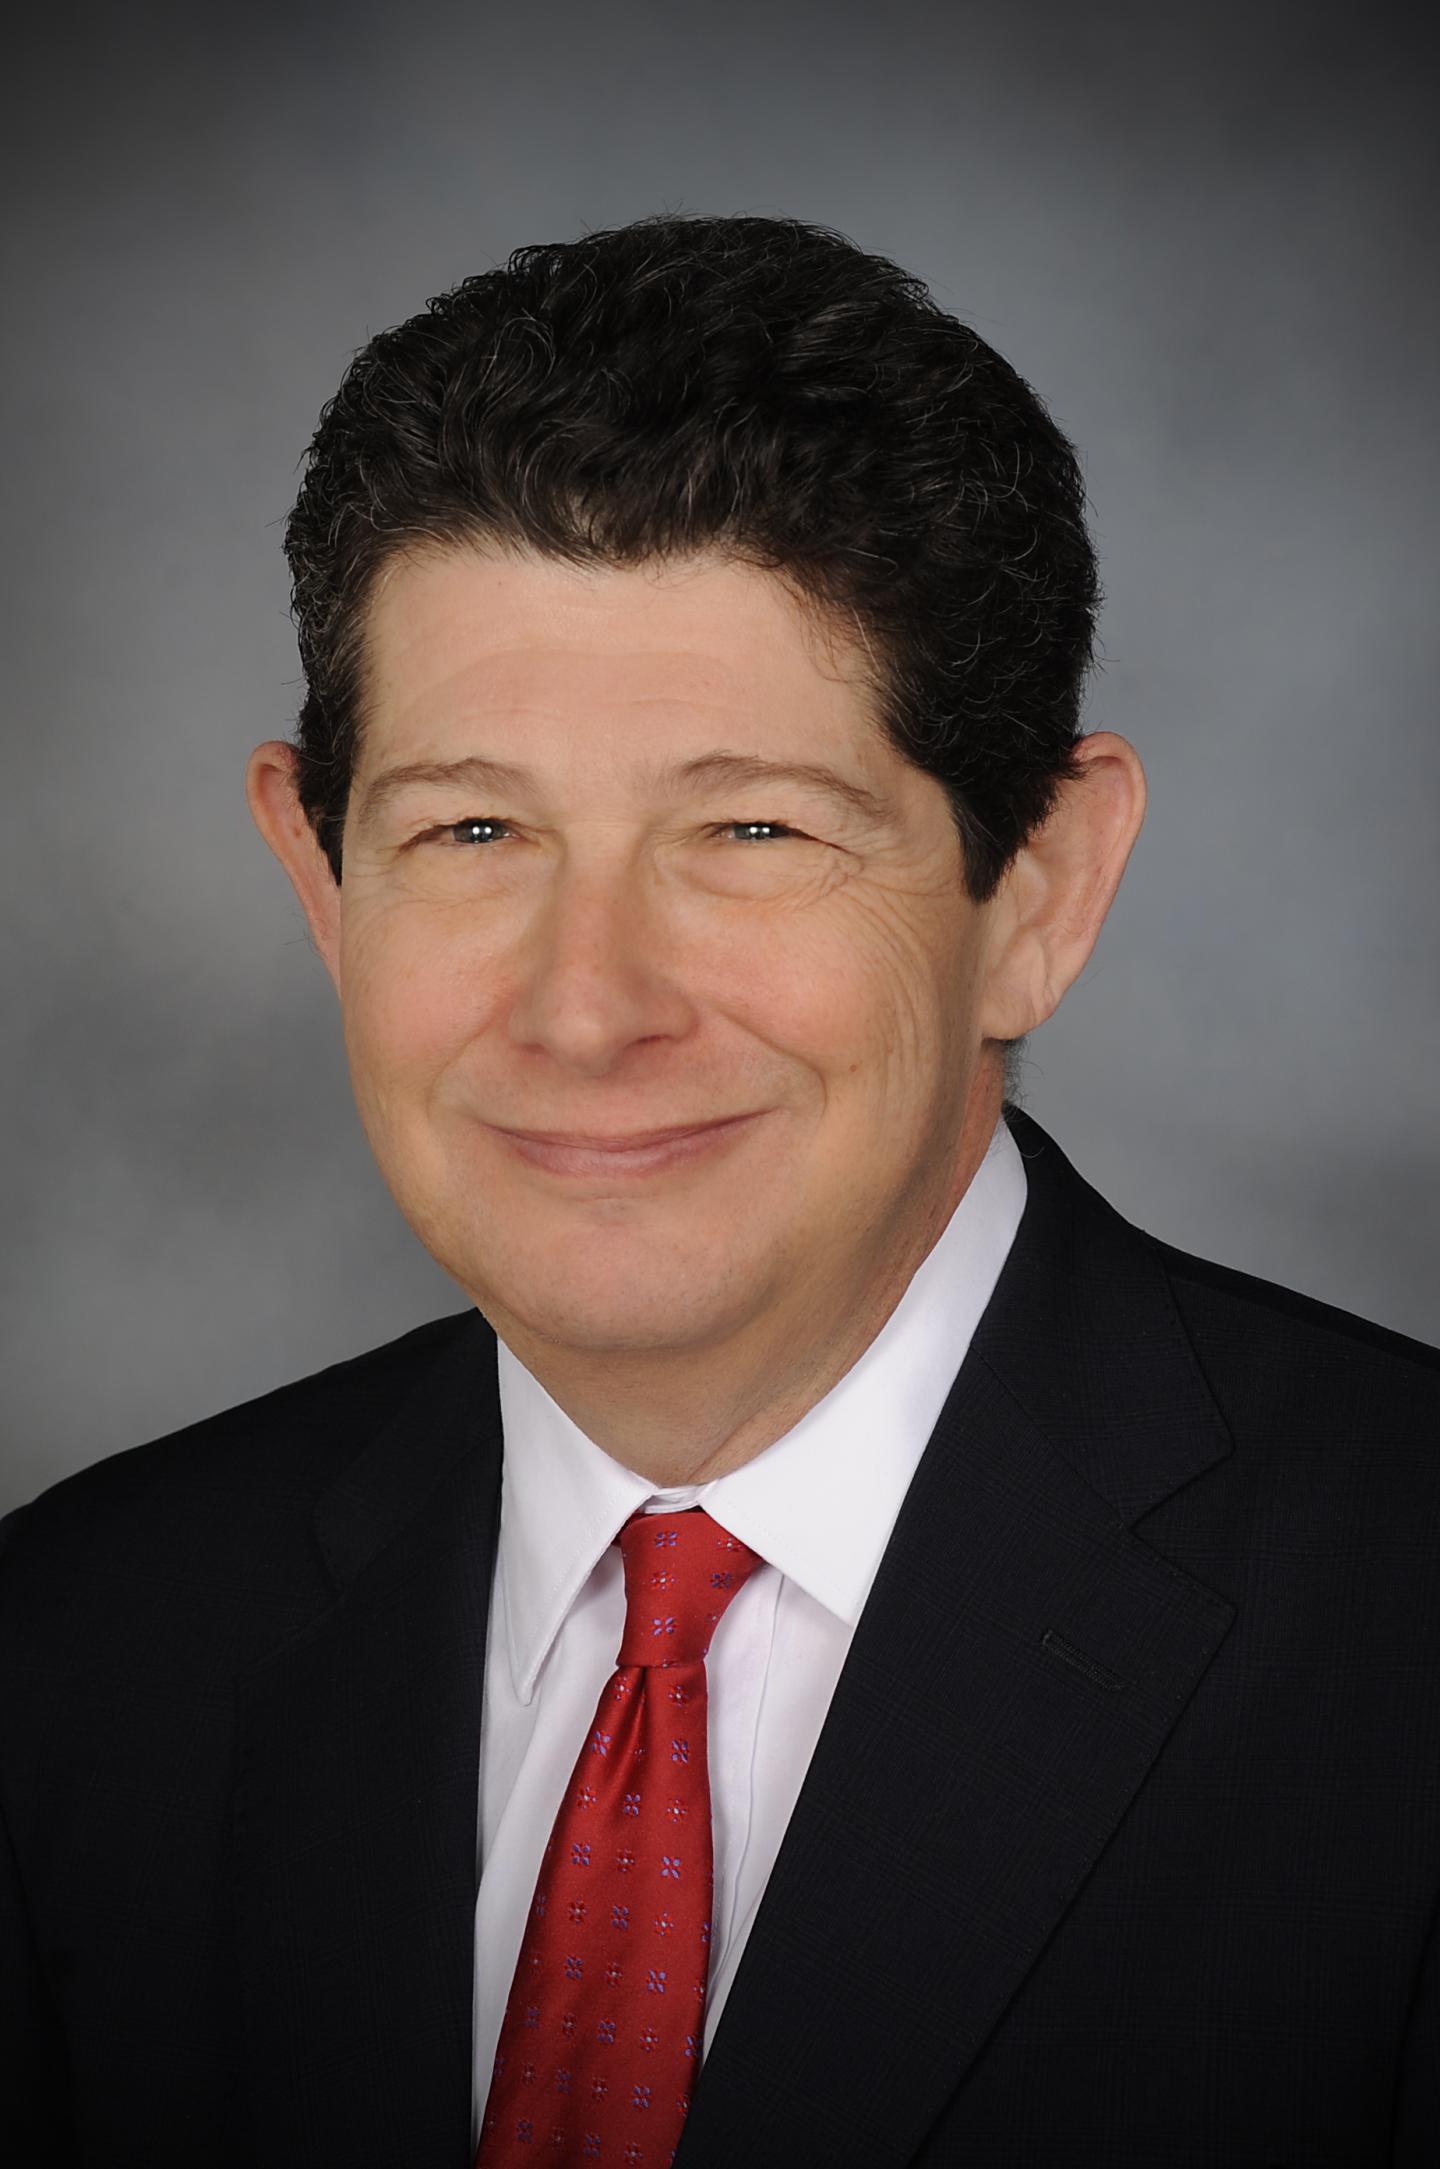 Jon Klein, University of Louisville